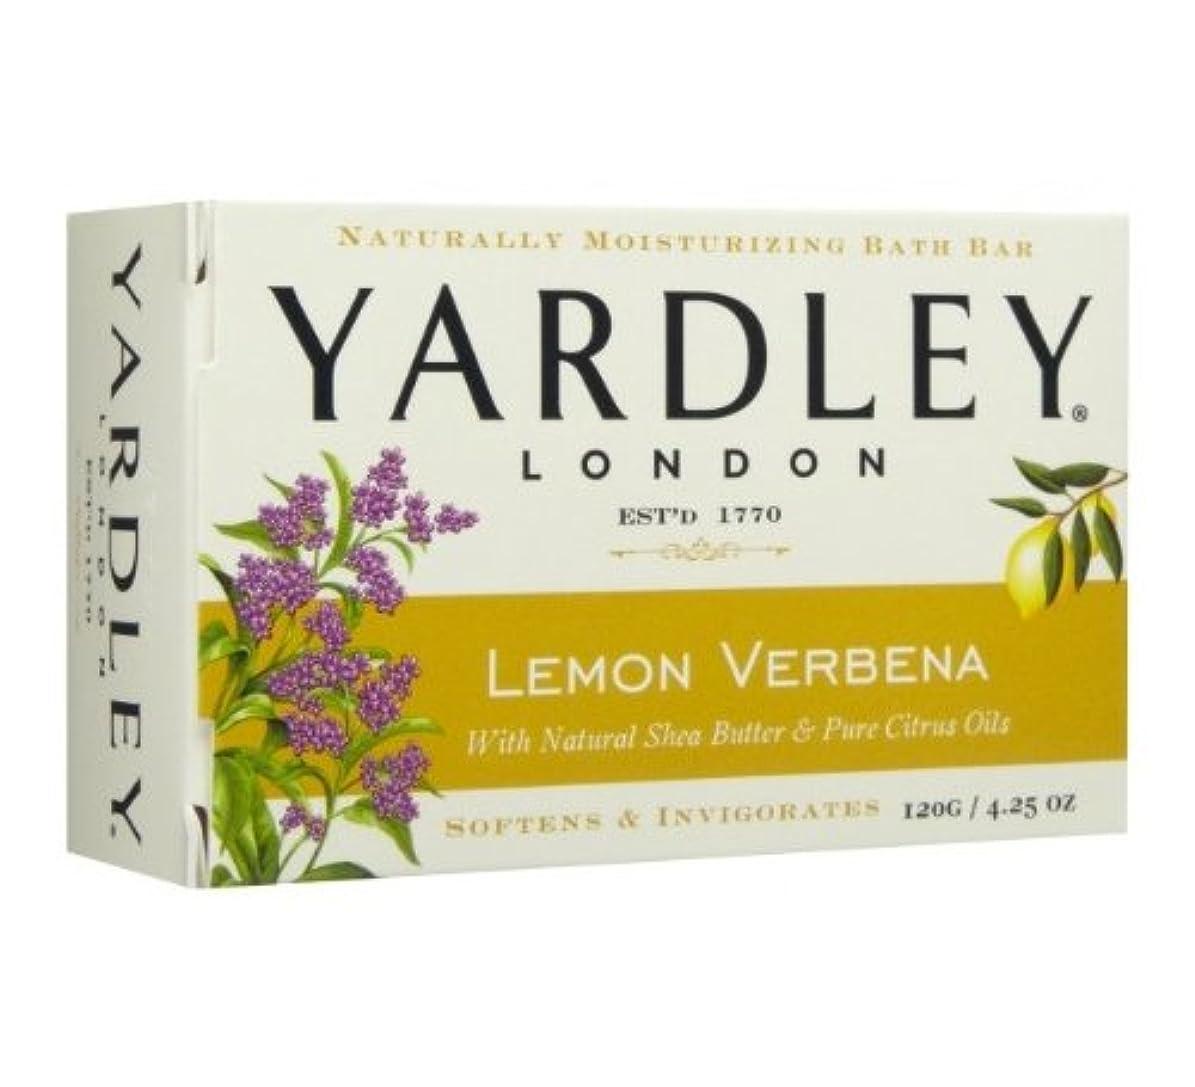 【2個 ハワイ直送品】Yardley London Lemon Verbena Moisturizing Bath Bar ヤードリー レモンバーベナ ソープ 120g